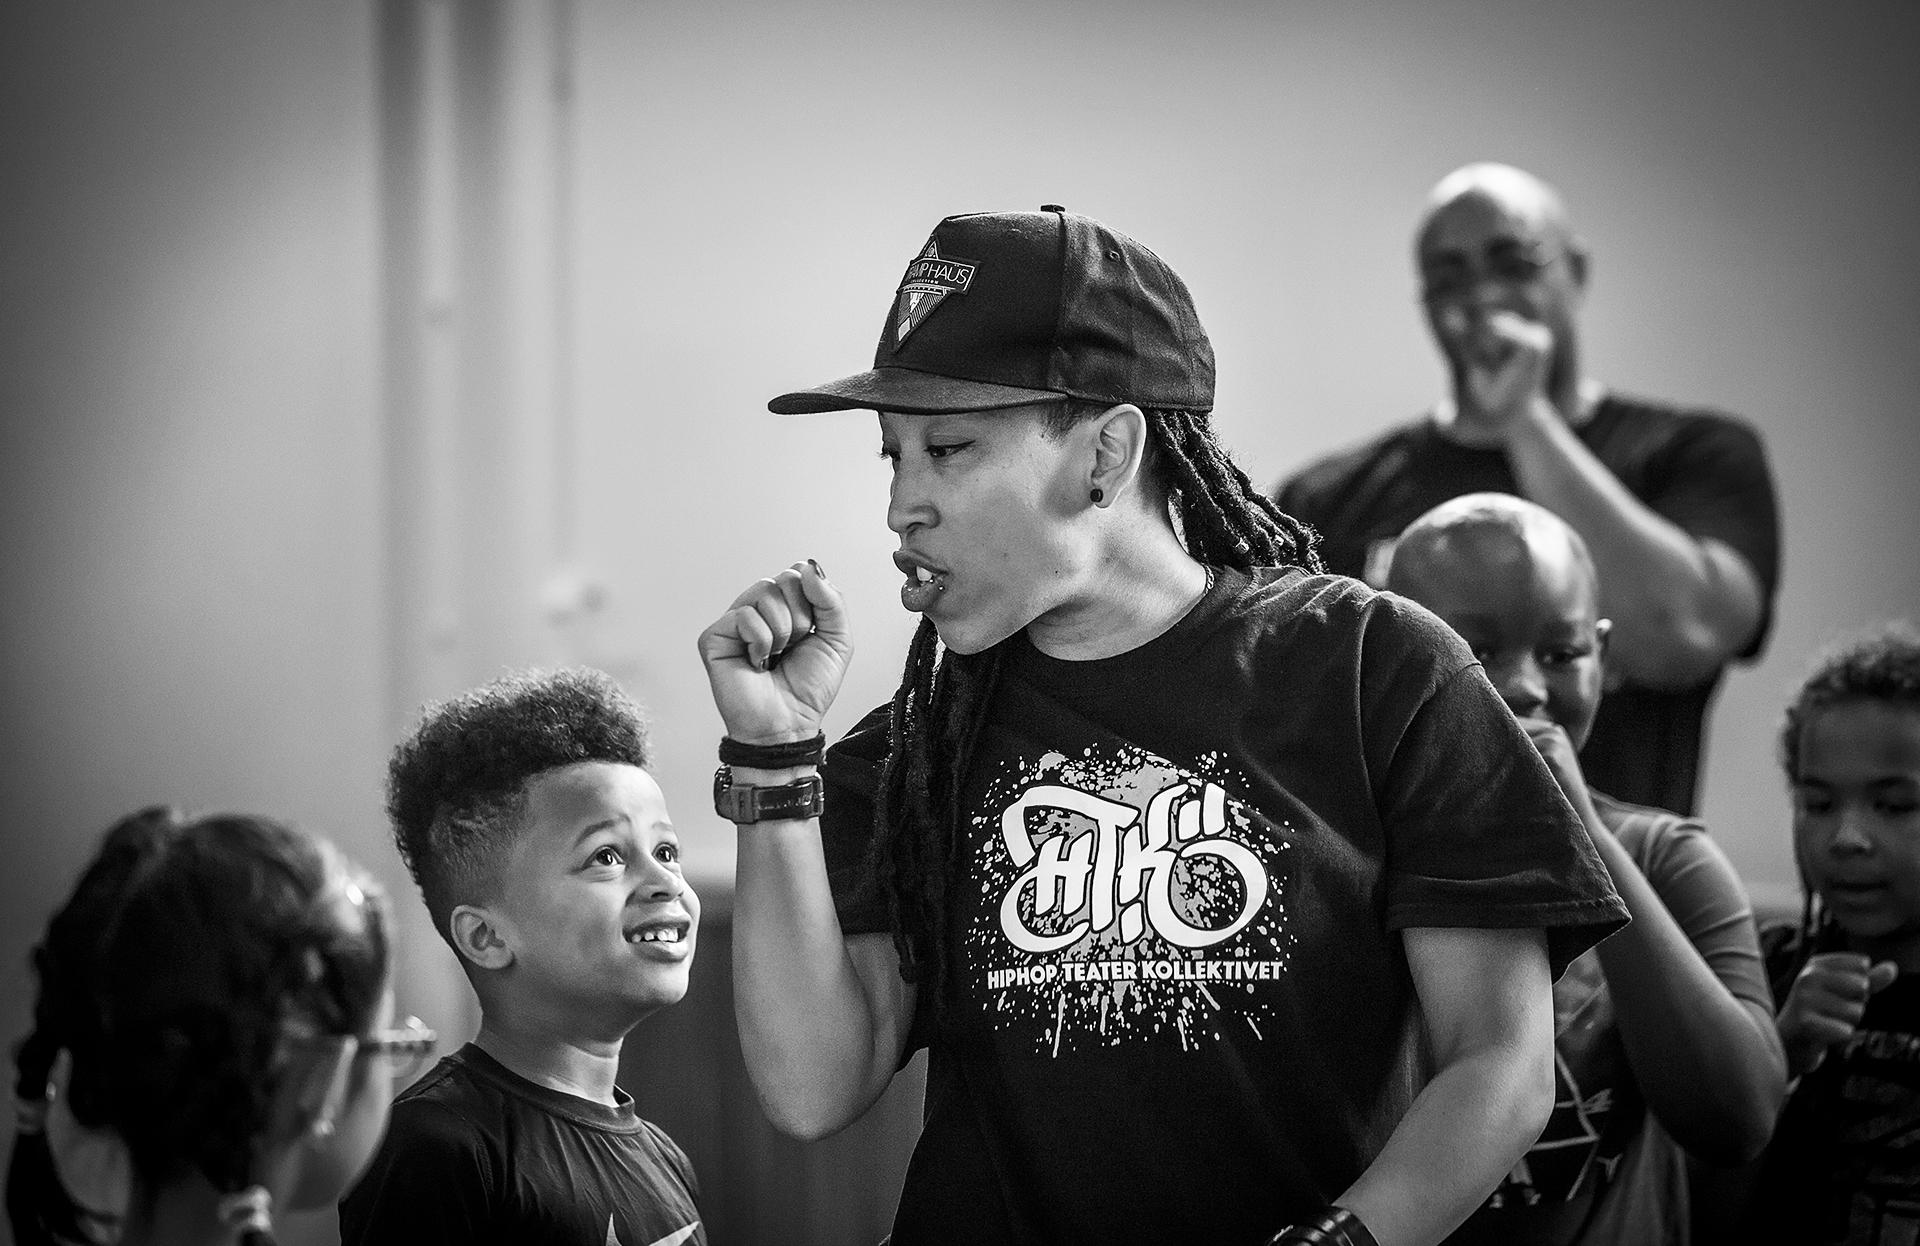 Hiphop Teater Kollektivet 6